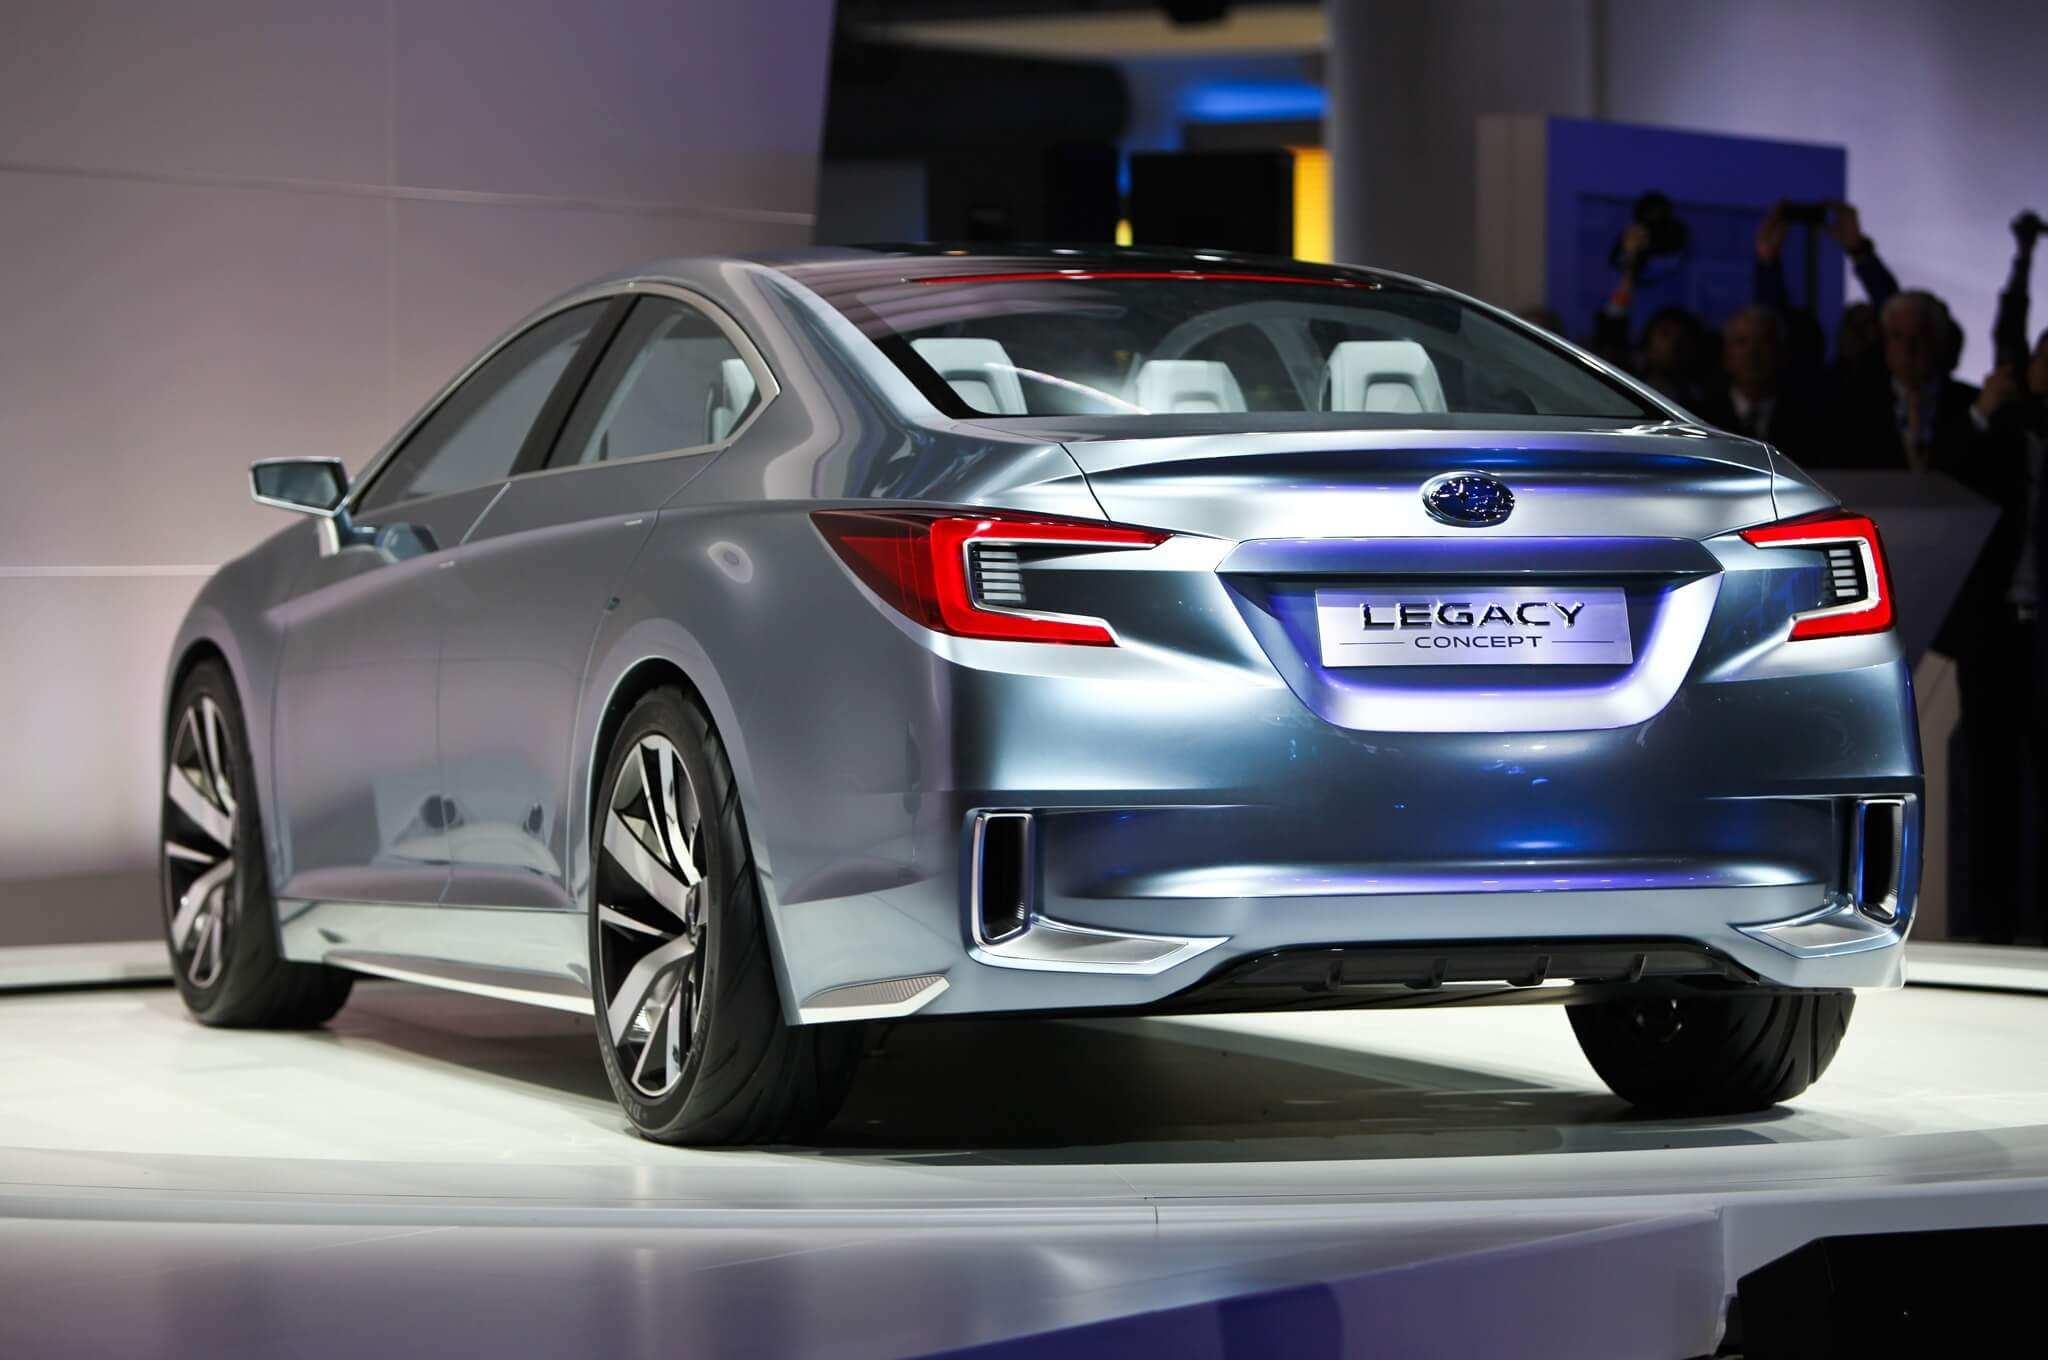 64 Gallery of Subaru Legacy Gt 2020 Release Date by Subaru Legacy Gt 2020